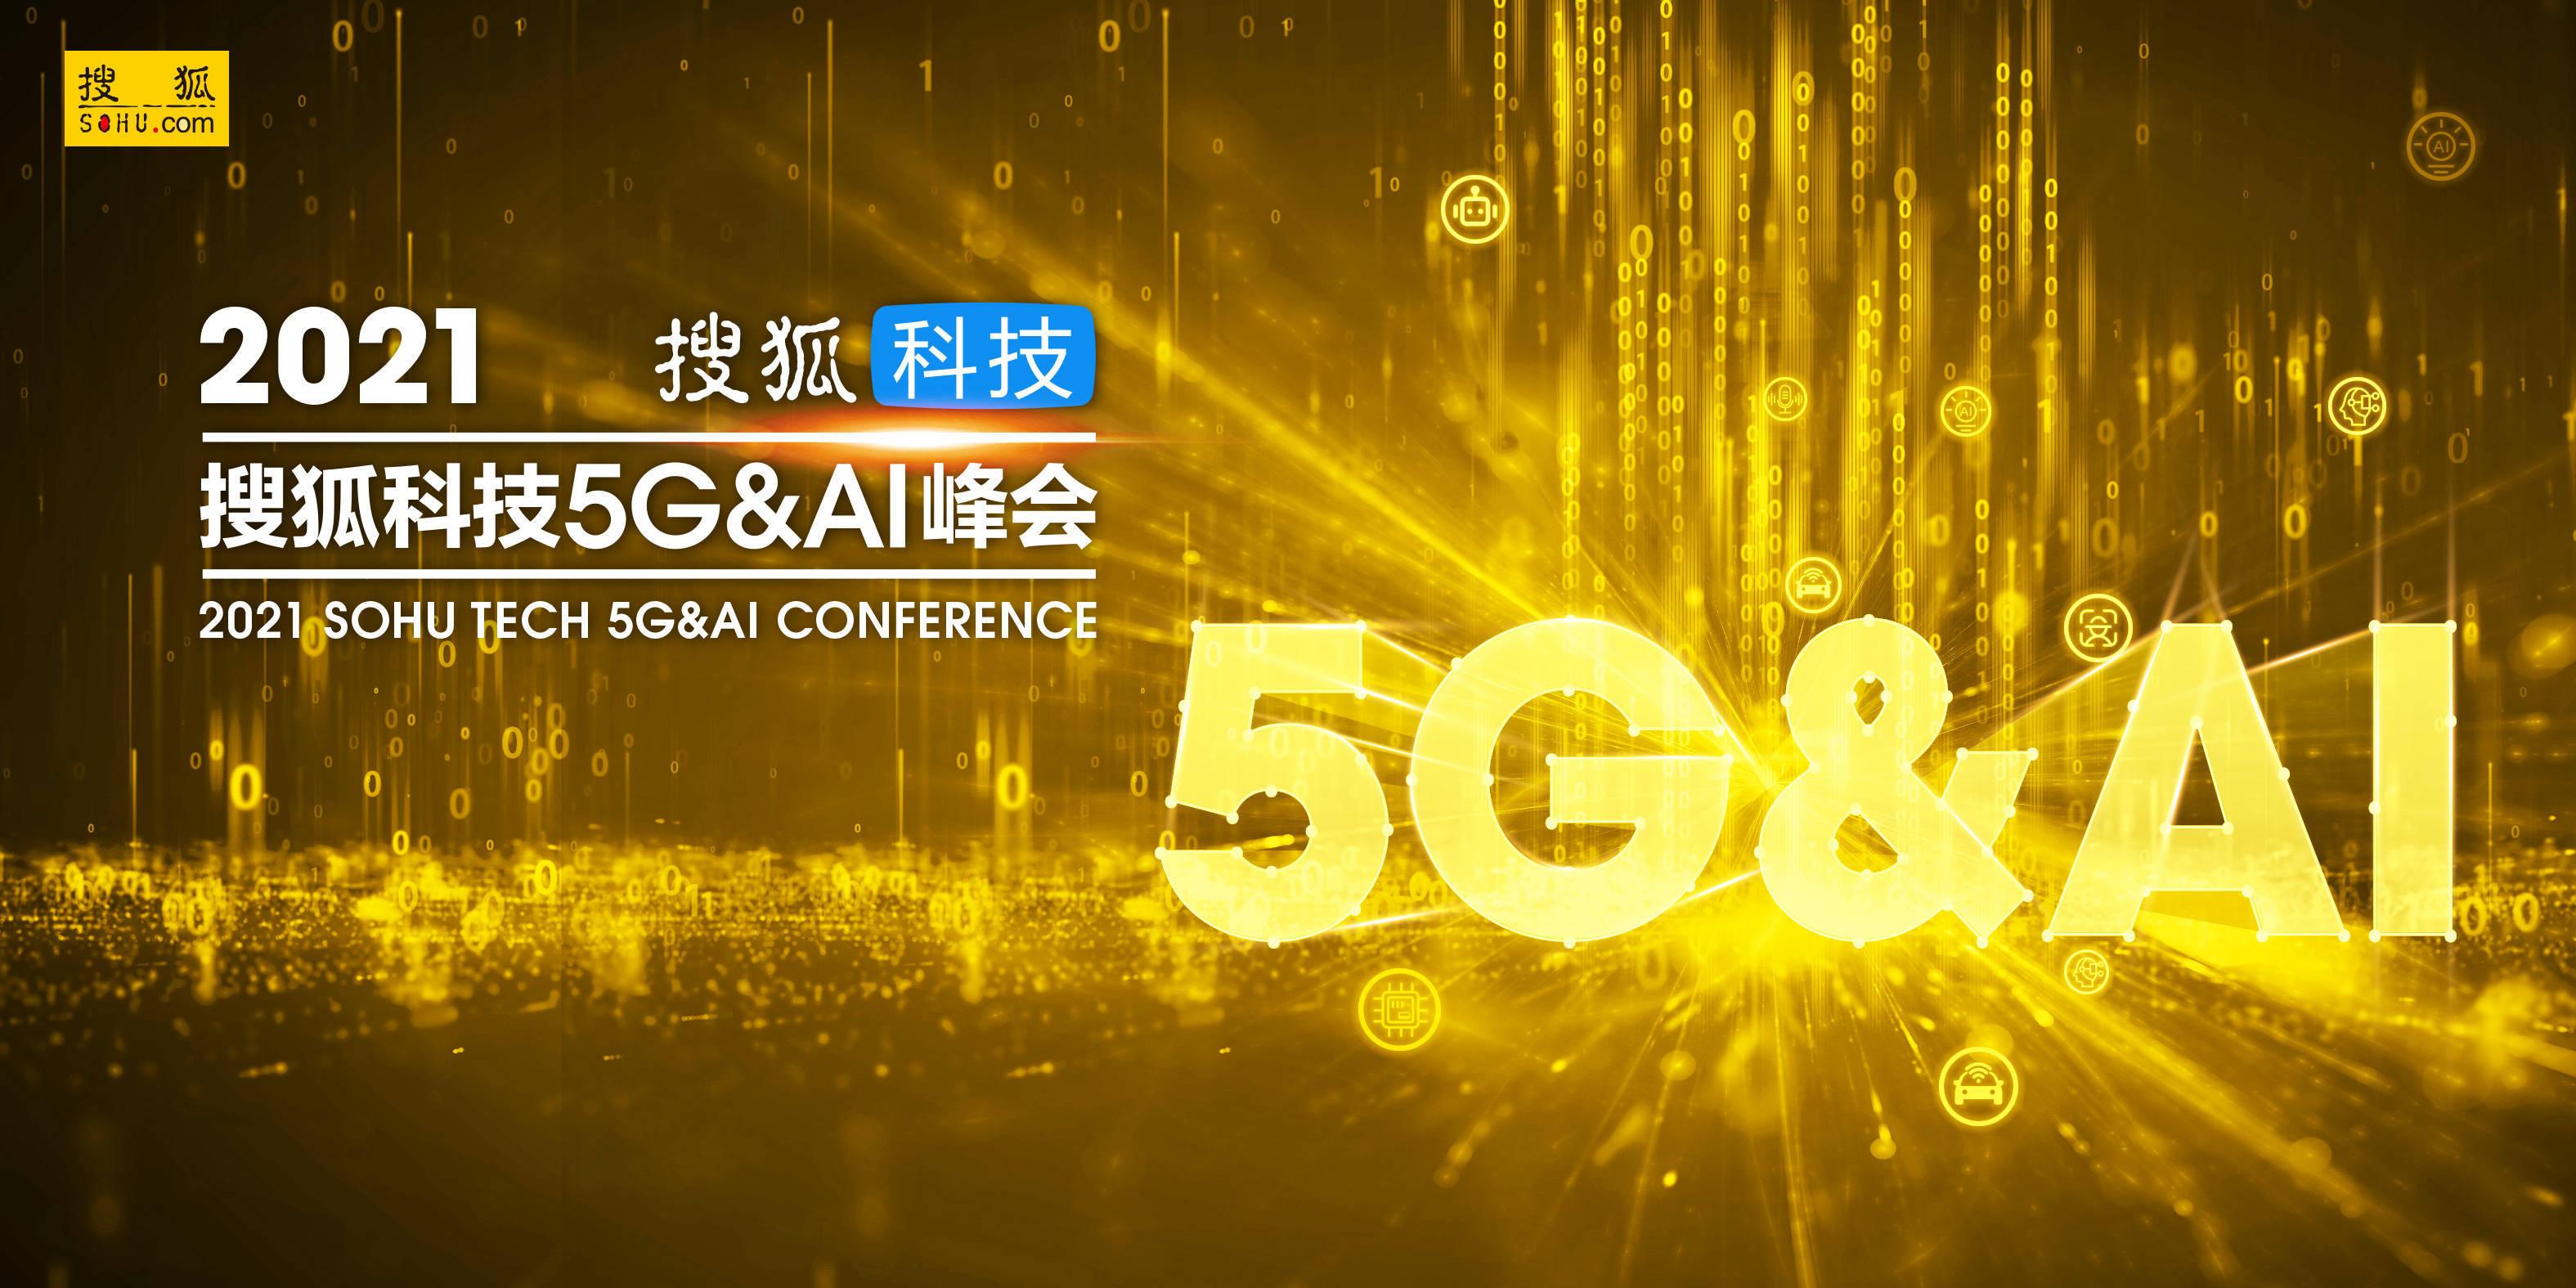 搜狐科技5G&AI峰会相约517,王小川、张博、张涌、胡国平打Call助力